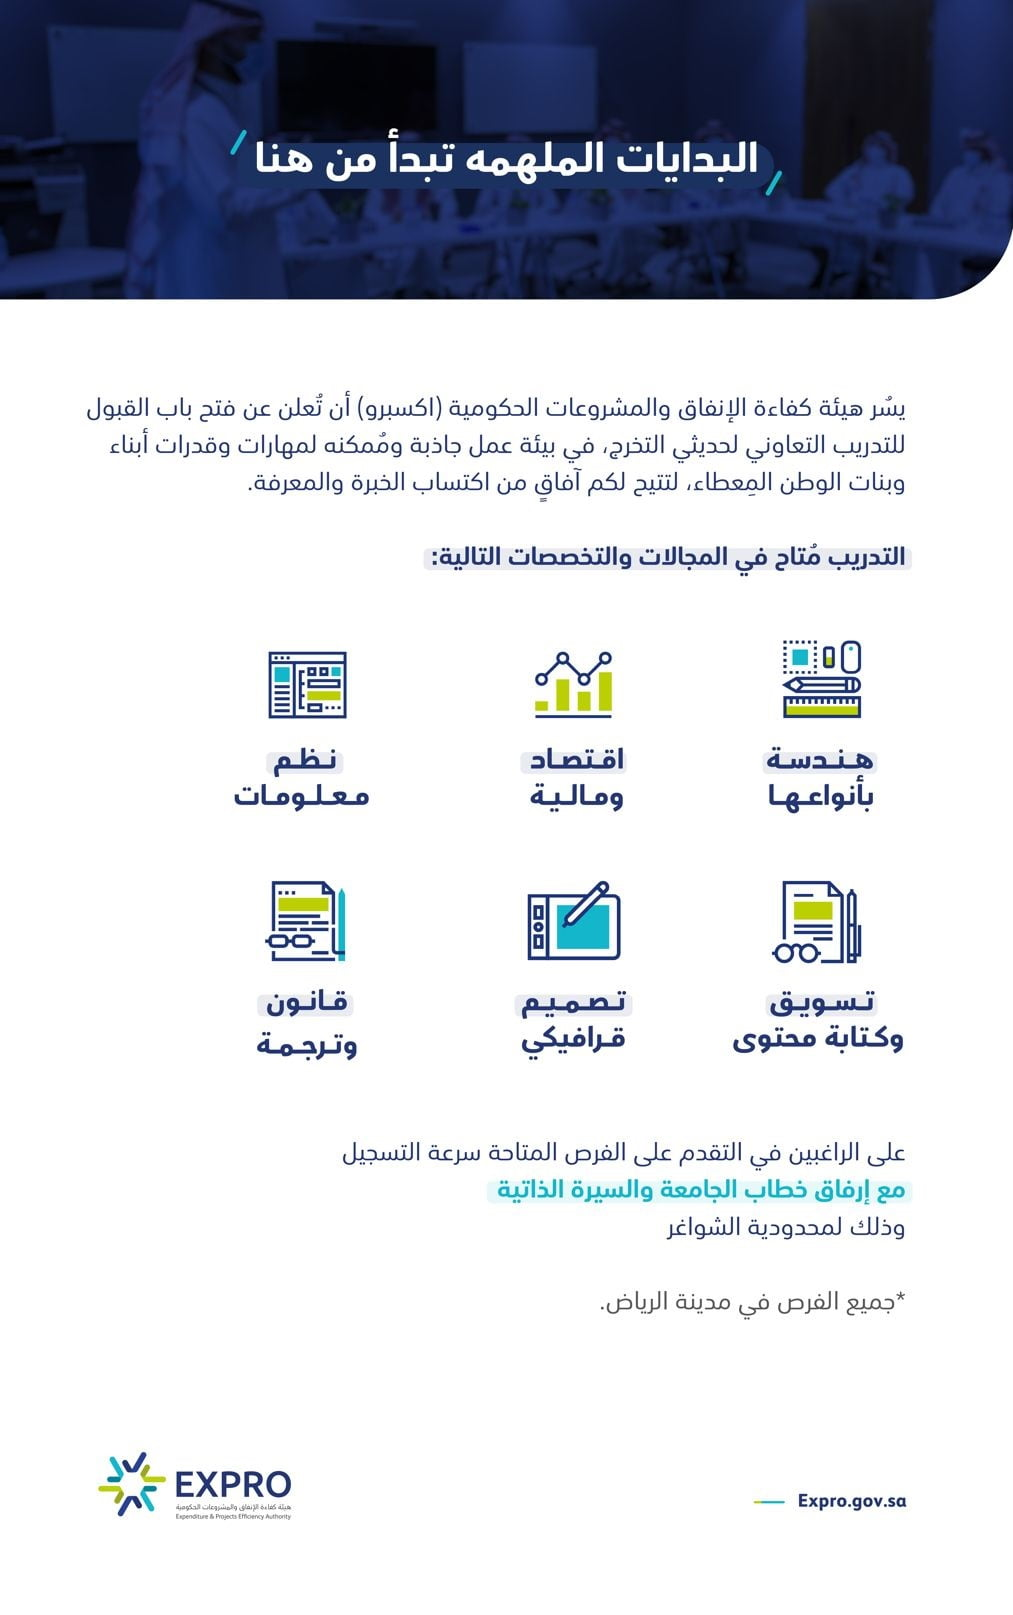 برنامج تدريب تعاوني لحديثي التخرج لدى هيئة كفاءة الإنفاق والمشروعات الحكومية 3